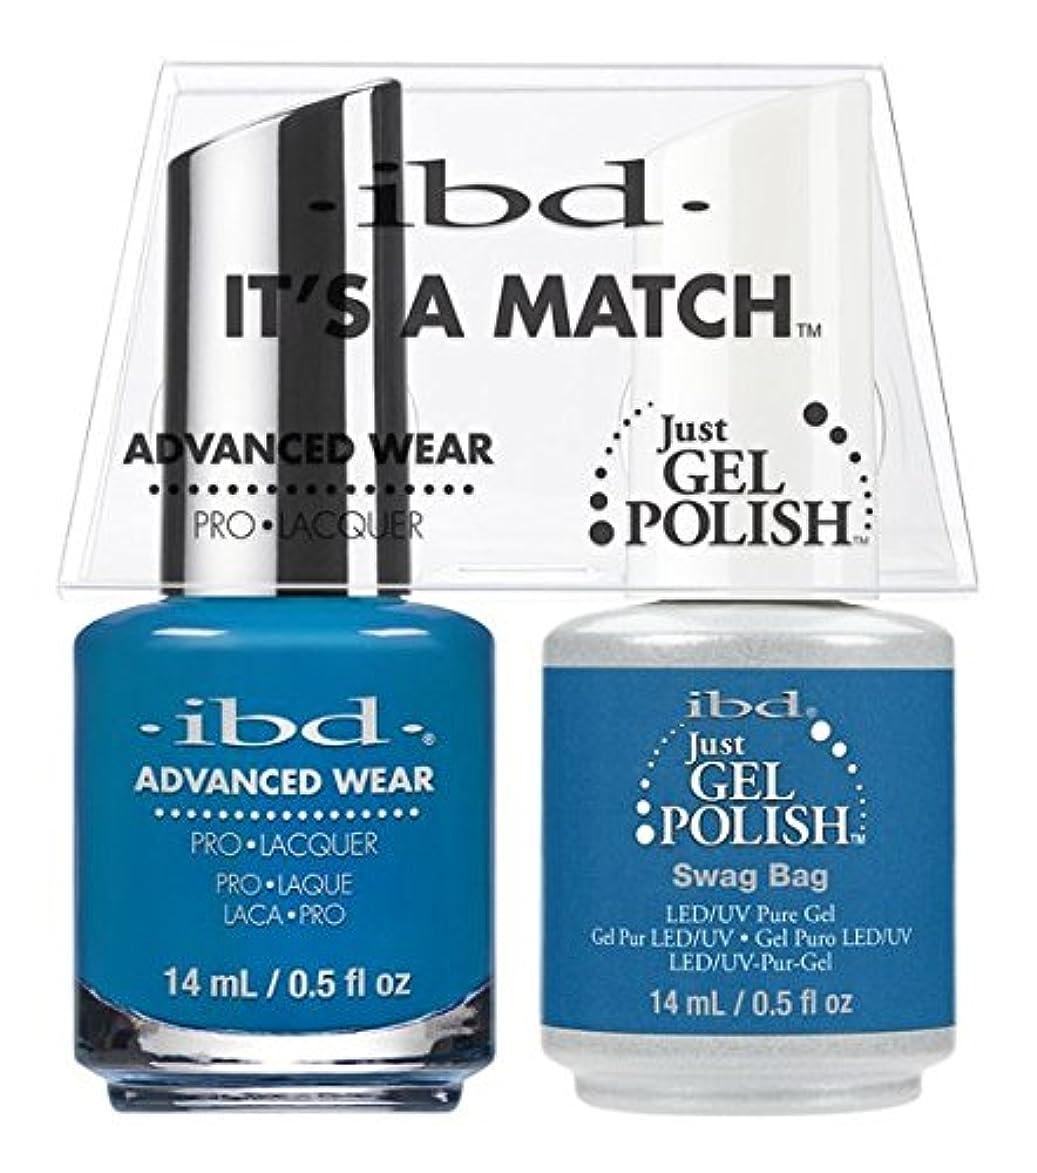 再開実質的に猫背ibd - It's A Match -Duo Pack- Swag Bag - 14 mL / 0.5 oz Each